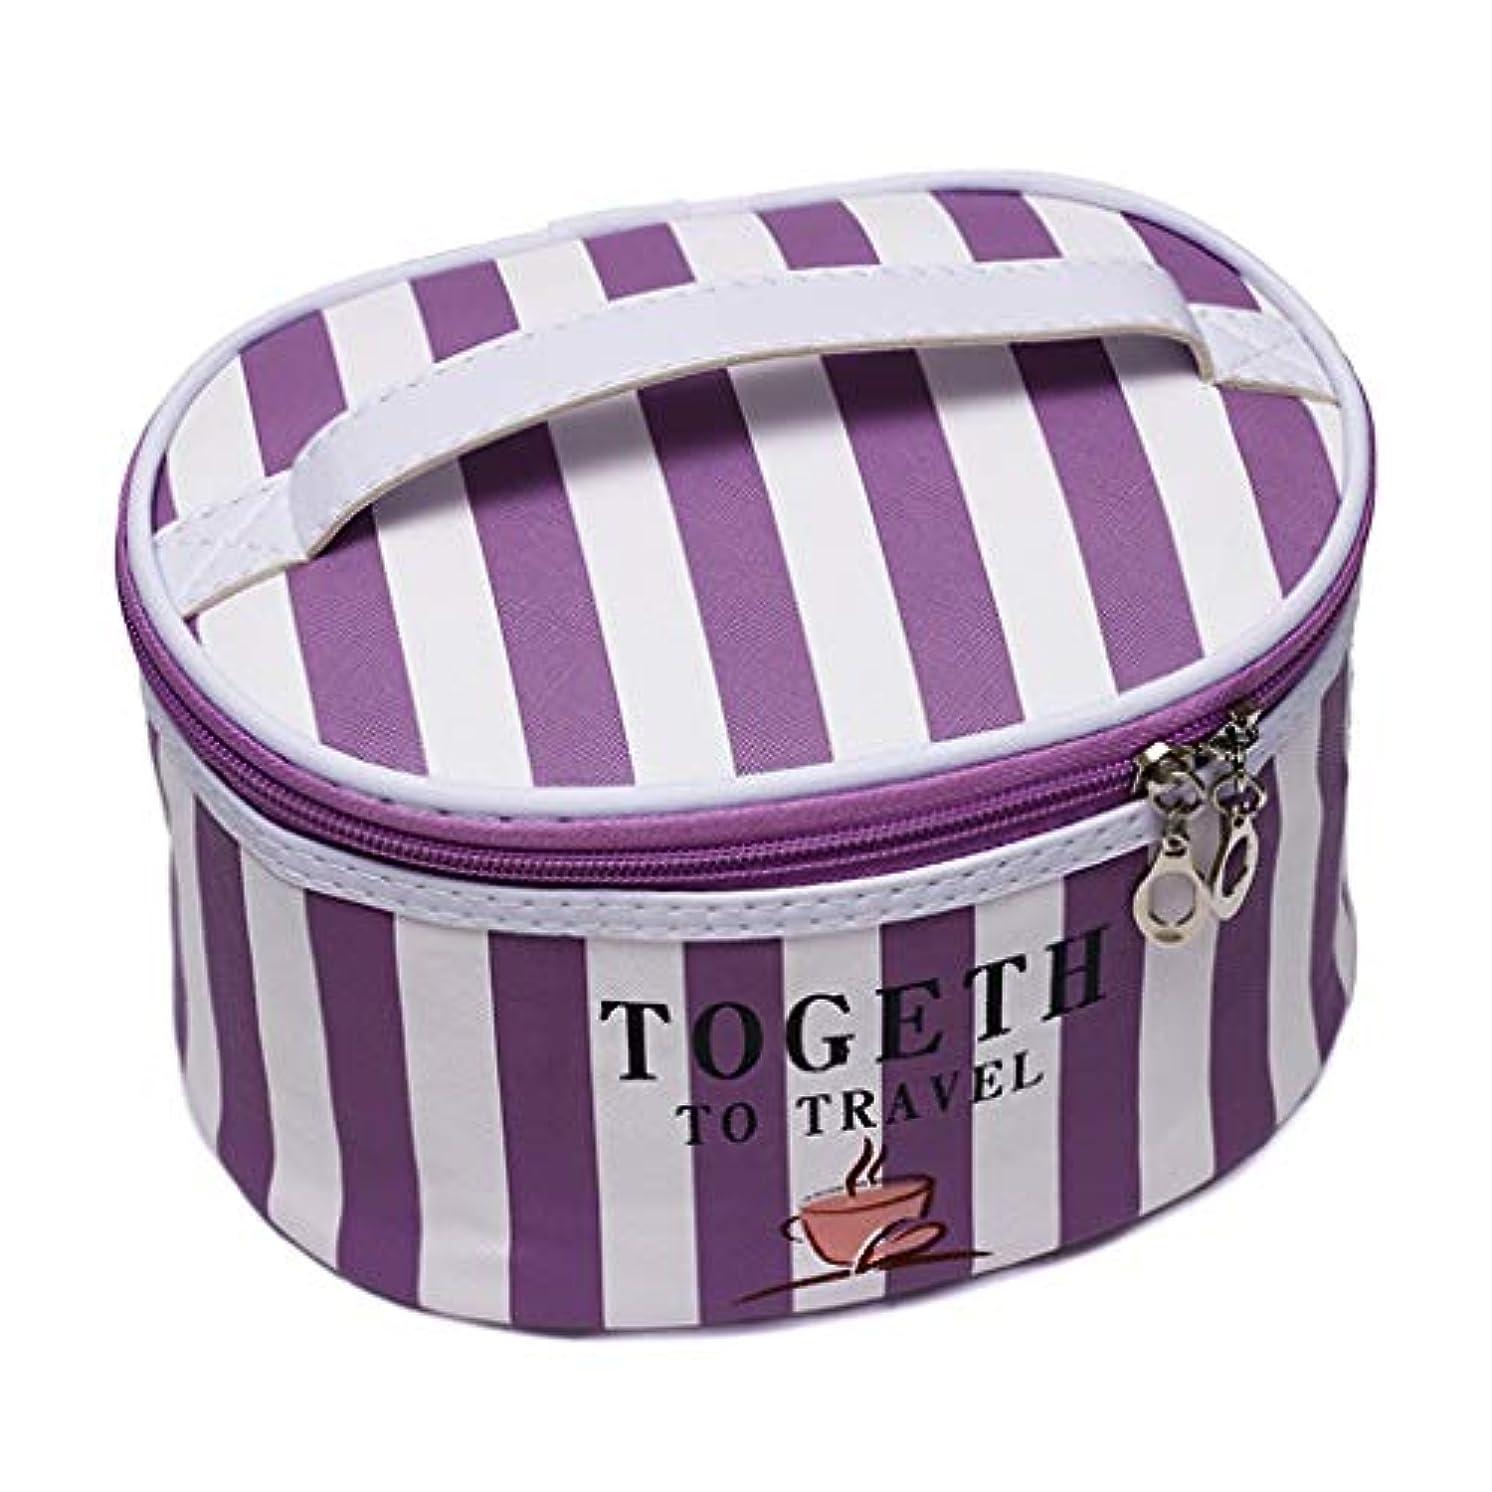 慎重に抹消不器用[テンカ]メイクボックス バニティポーチ 化粧ポーチ コスメバッグ 紫 鏡付き 大容量 小物収納 軽量 機能的 旅行用 プレゼント 携帯用 かわいい 出張用 防水 ウォッシュバッグ